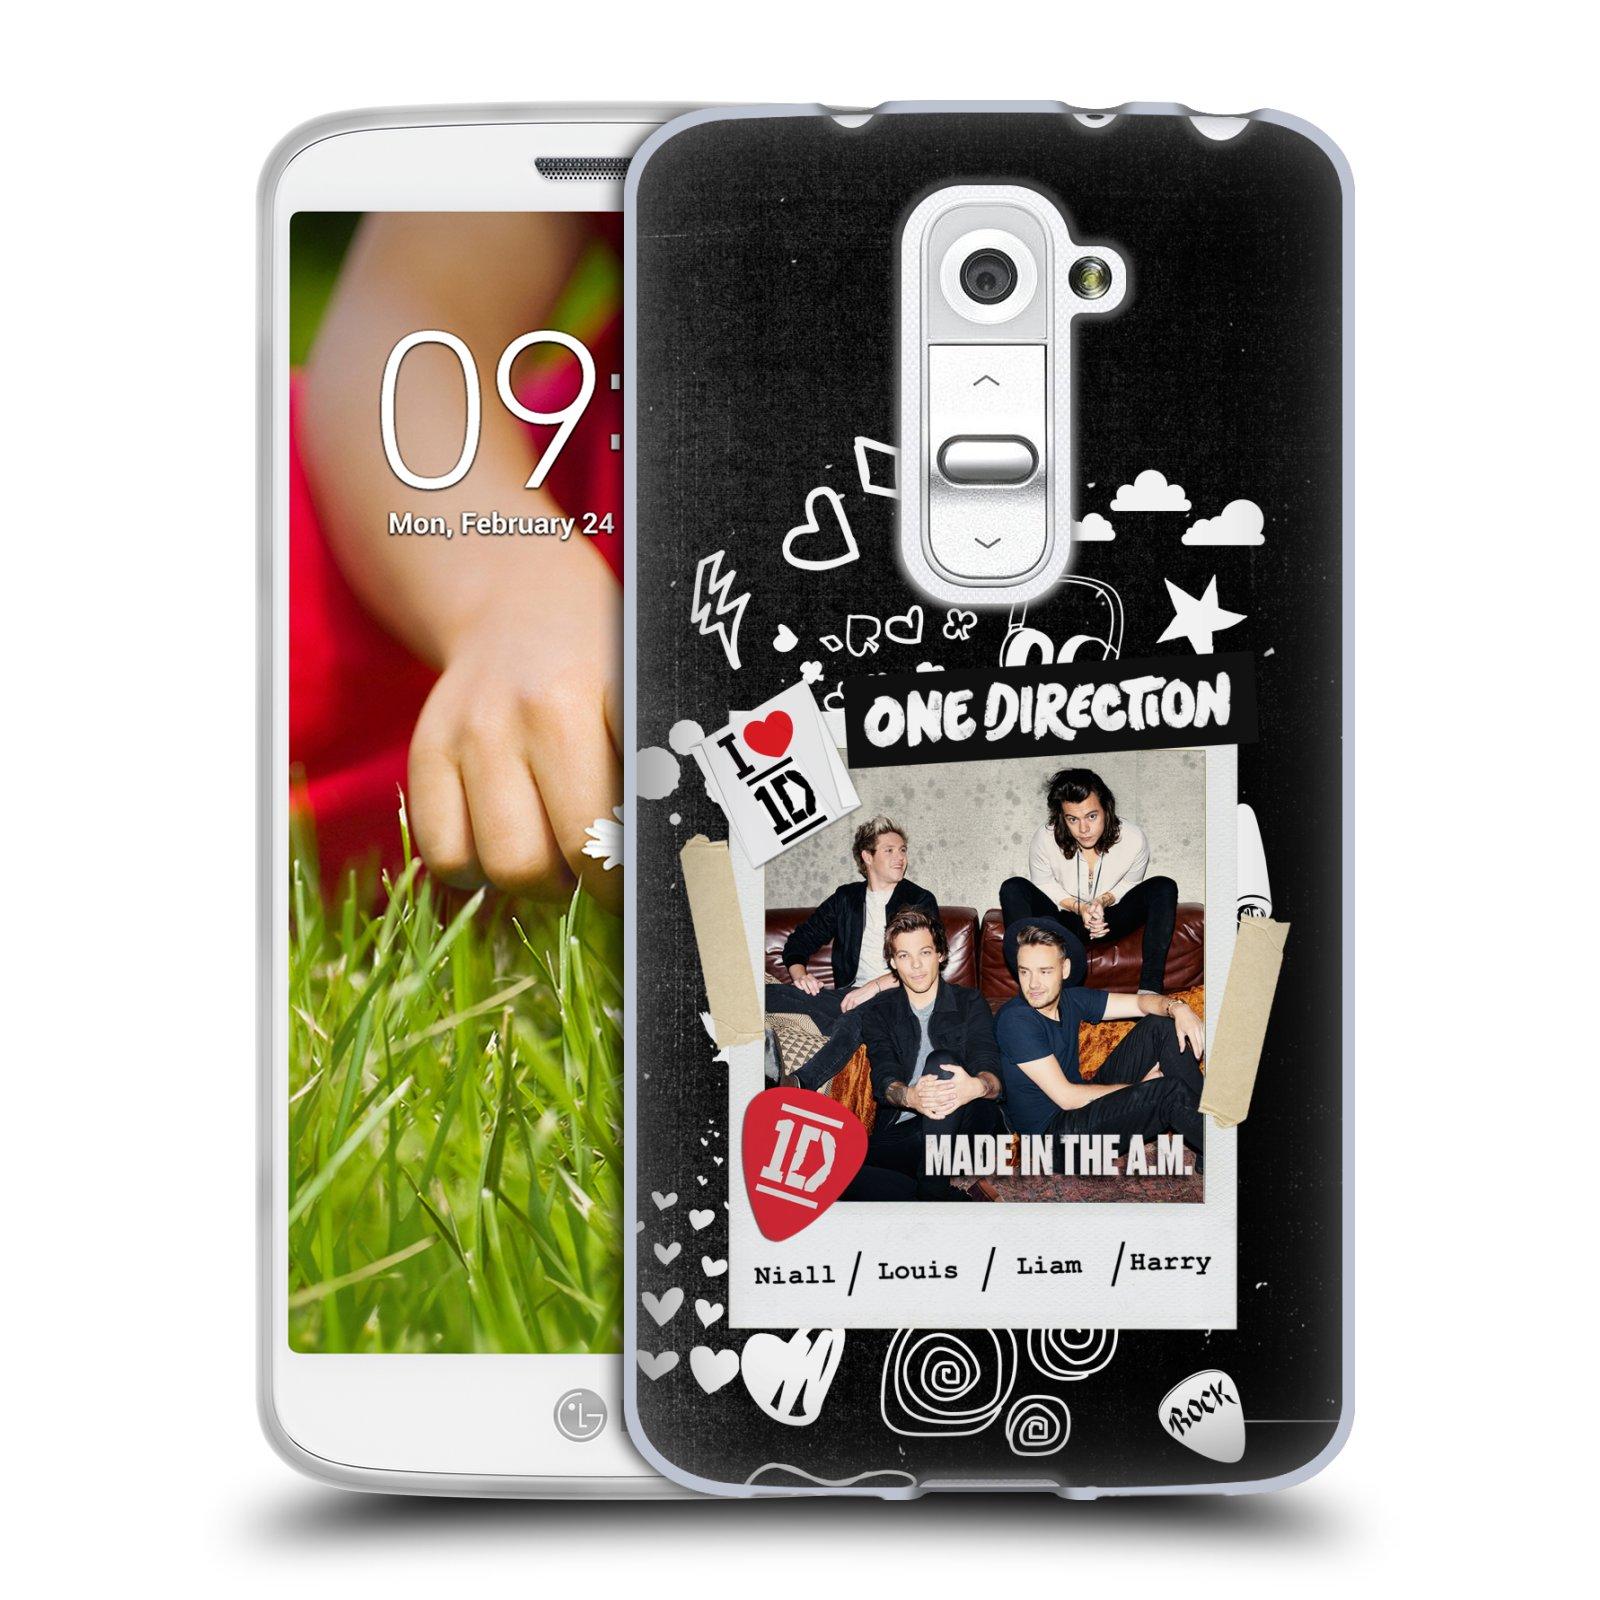 Silikonové pouzdro na mobil LG G2 Mini HEAD CASE One Direction - S kytárou (Silikonový kryt či obal One Direction Official na mobilní telefon LG G2 Mini D620)